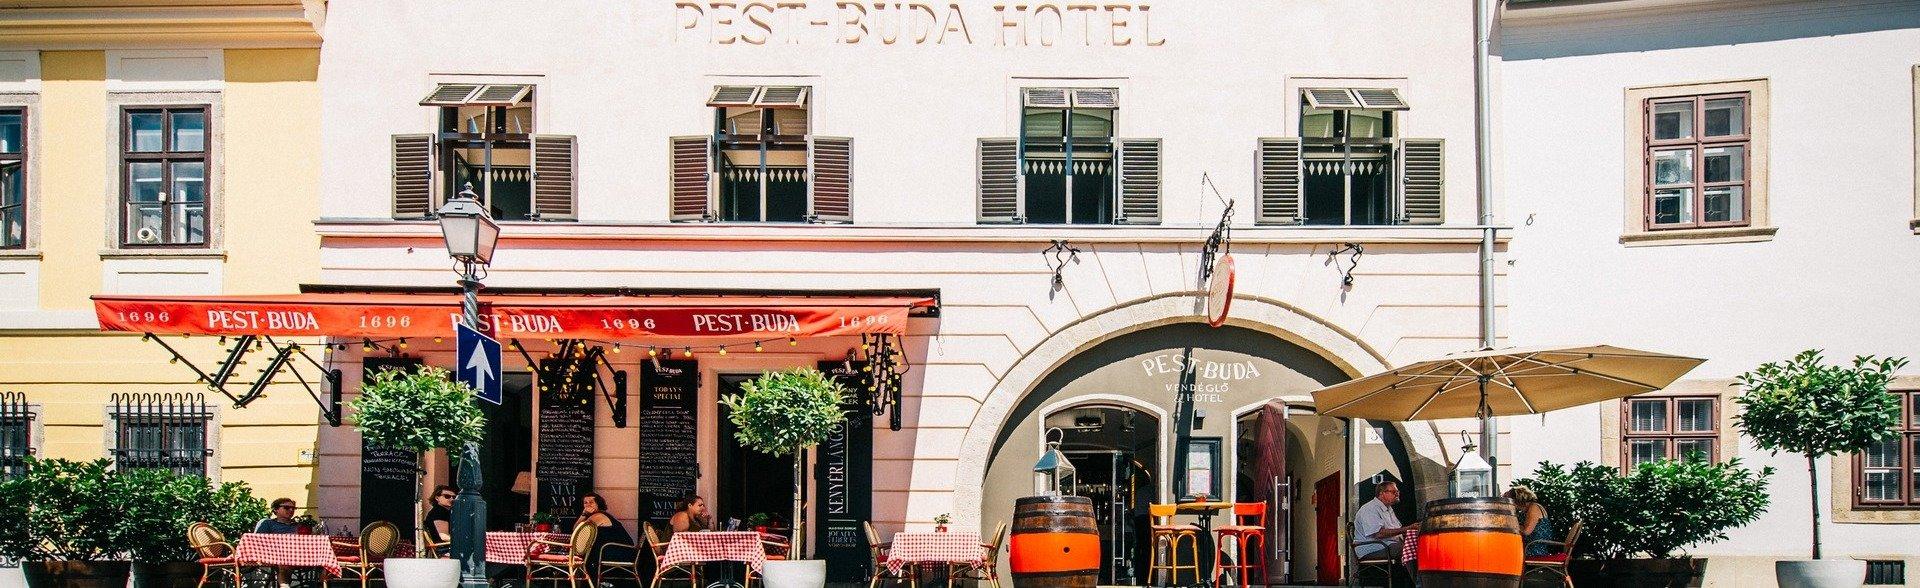 Pest-Buda Bistro